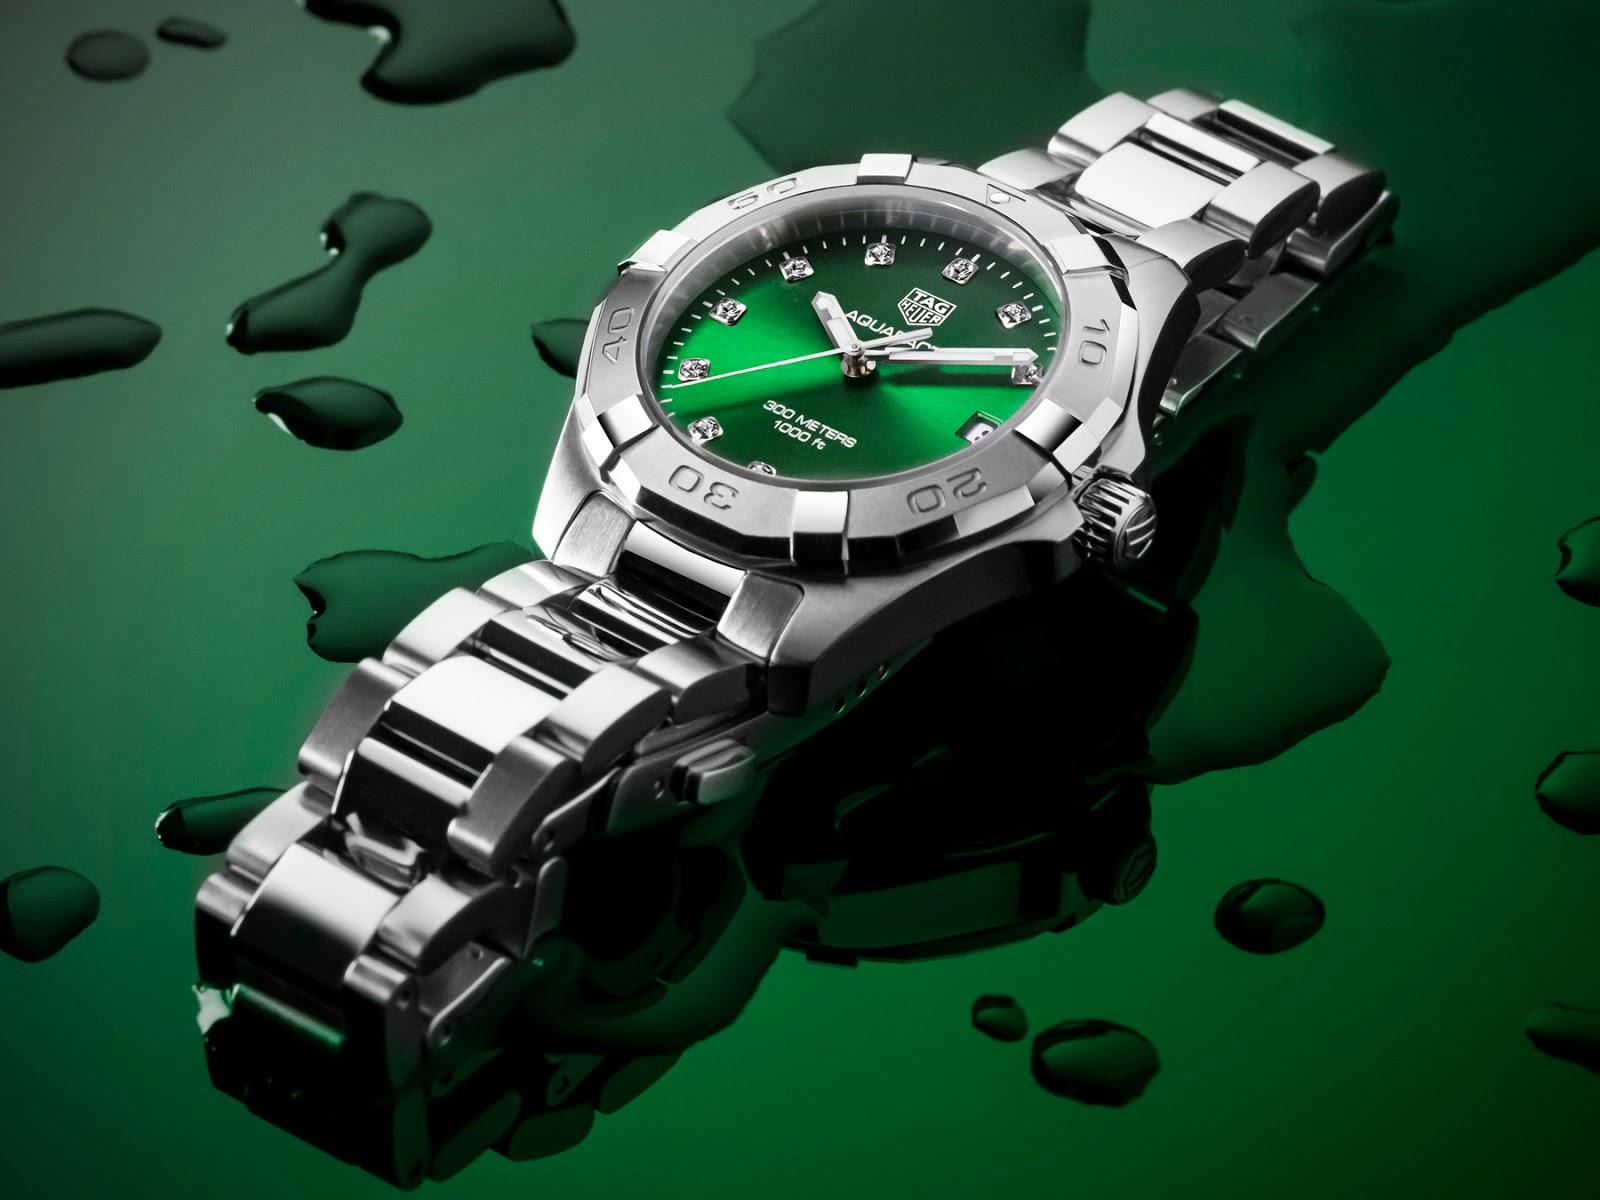 Tag Heuer's new Emerald Green Aquaracers TAG+Heuer+Aquracer+EMERALD+06